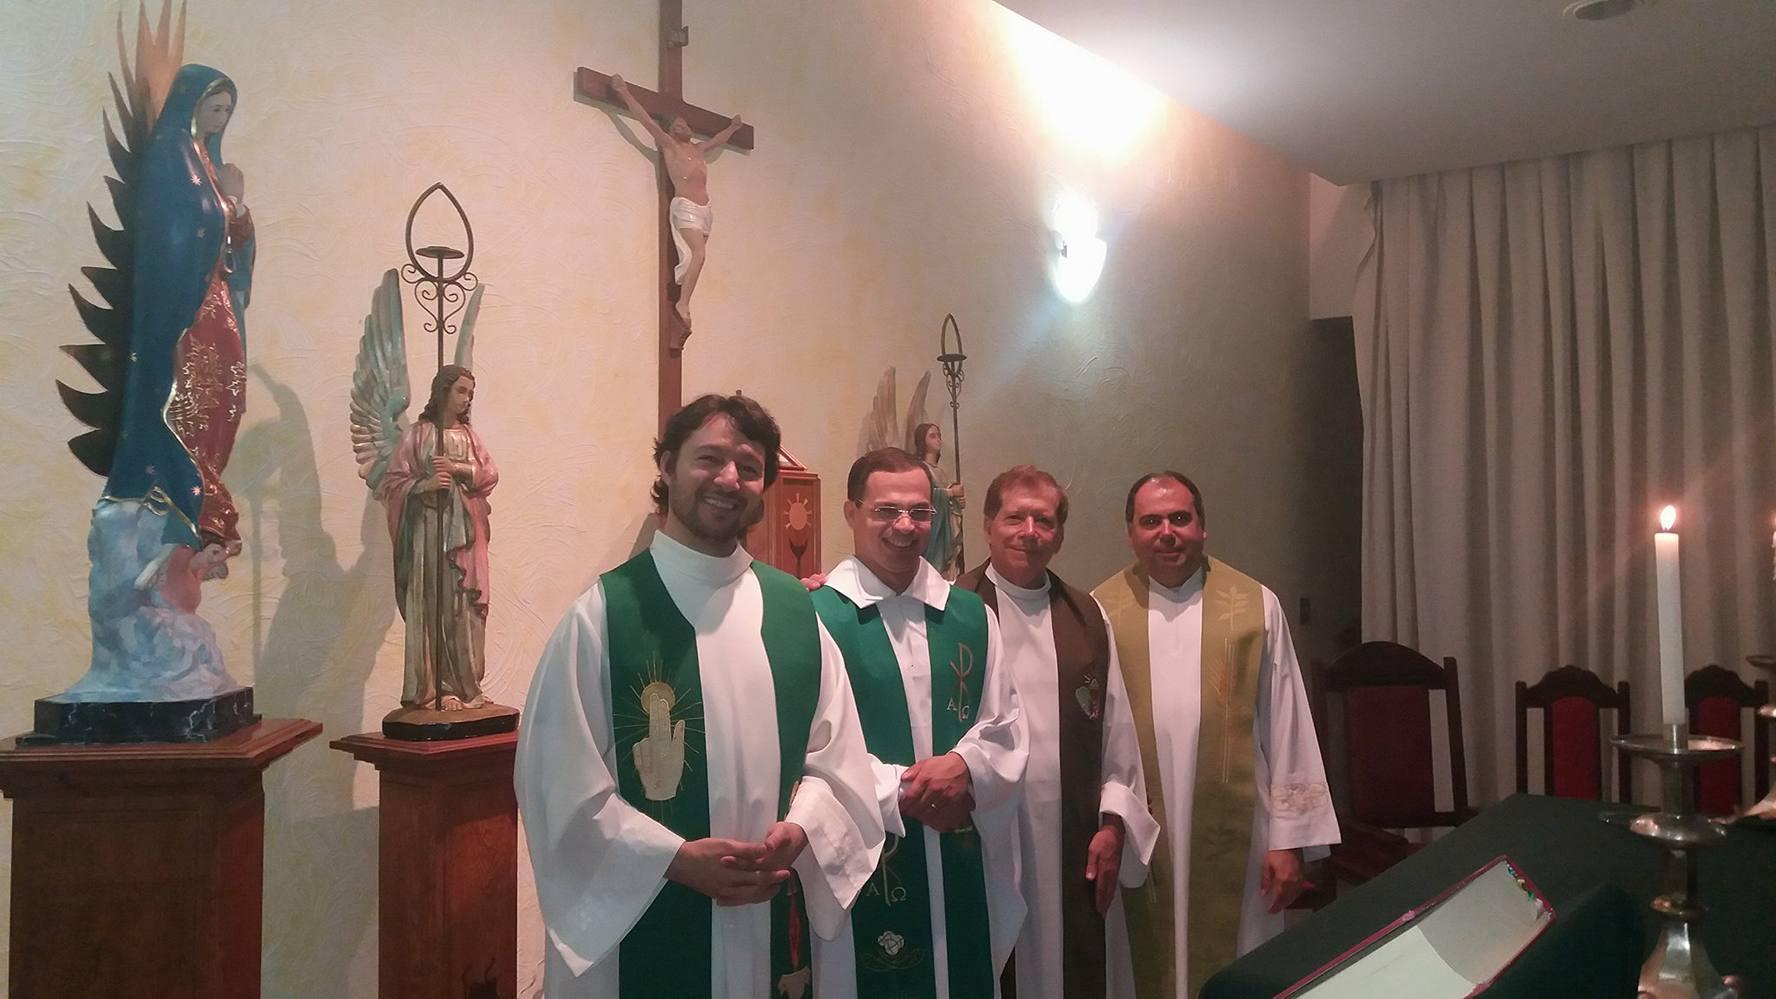 Pe. Alessandro preside a missa pela primeira vez no seminário